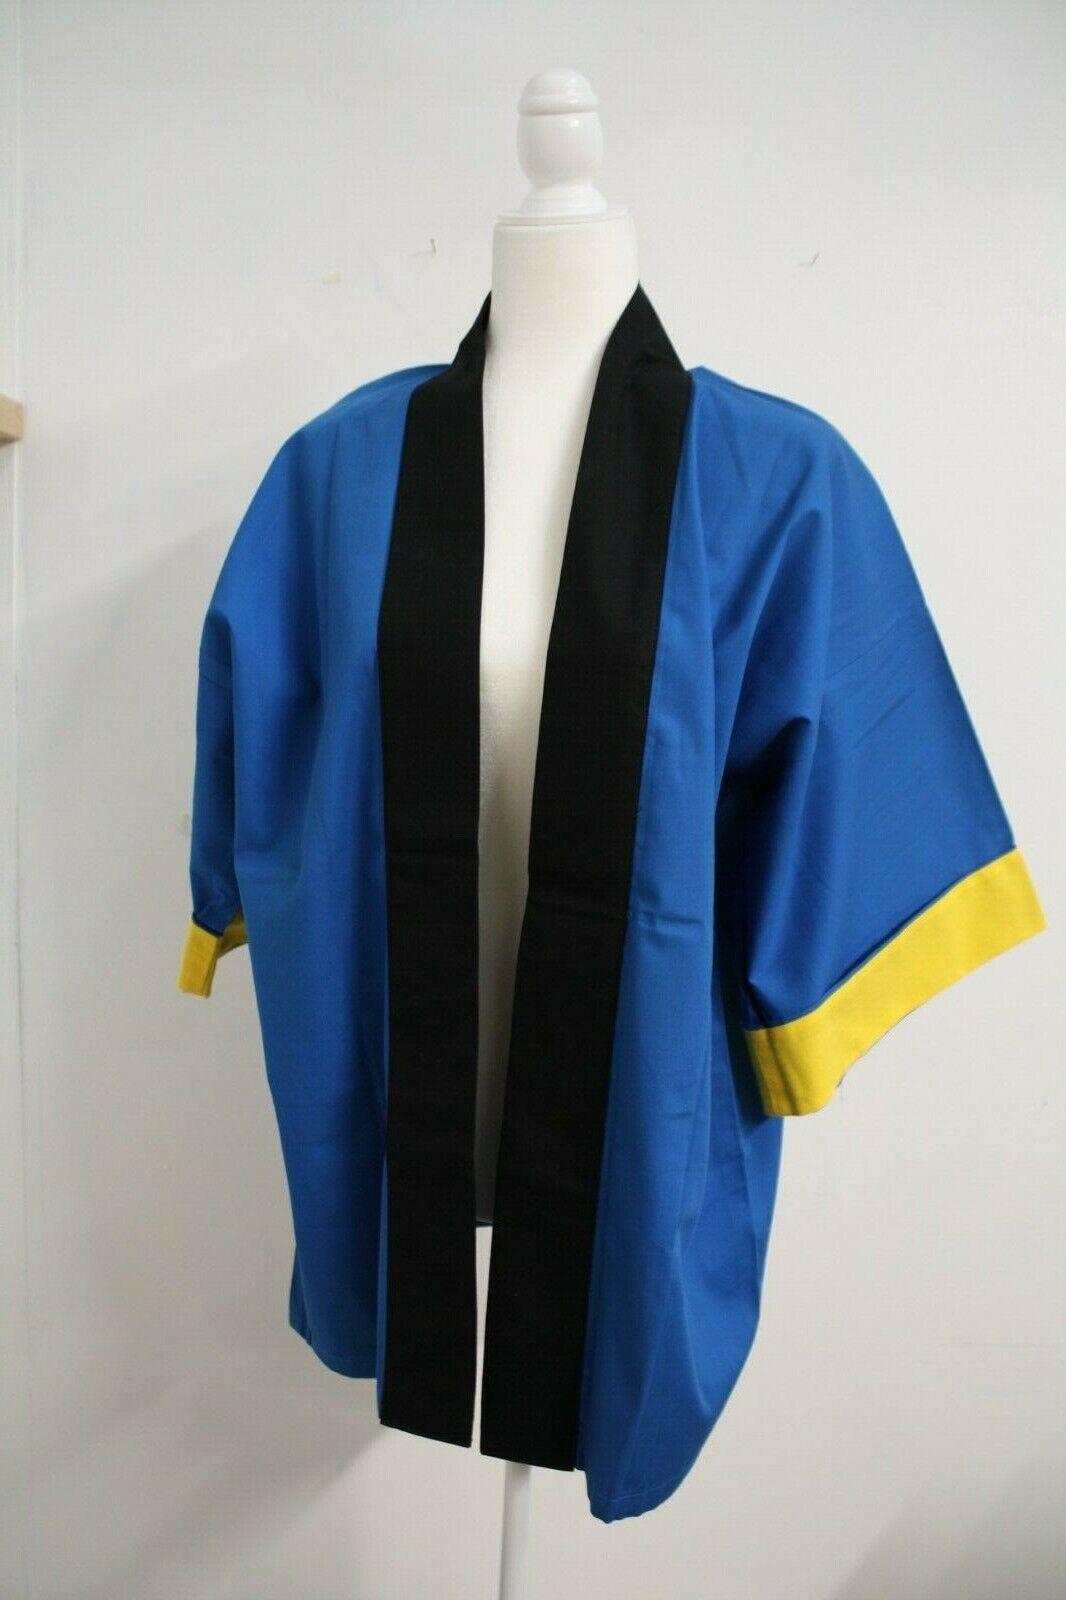 Japanese Cotton Kimono Jacket Unisex Jacket M Size Good for Cosplay